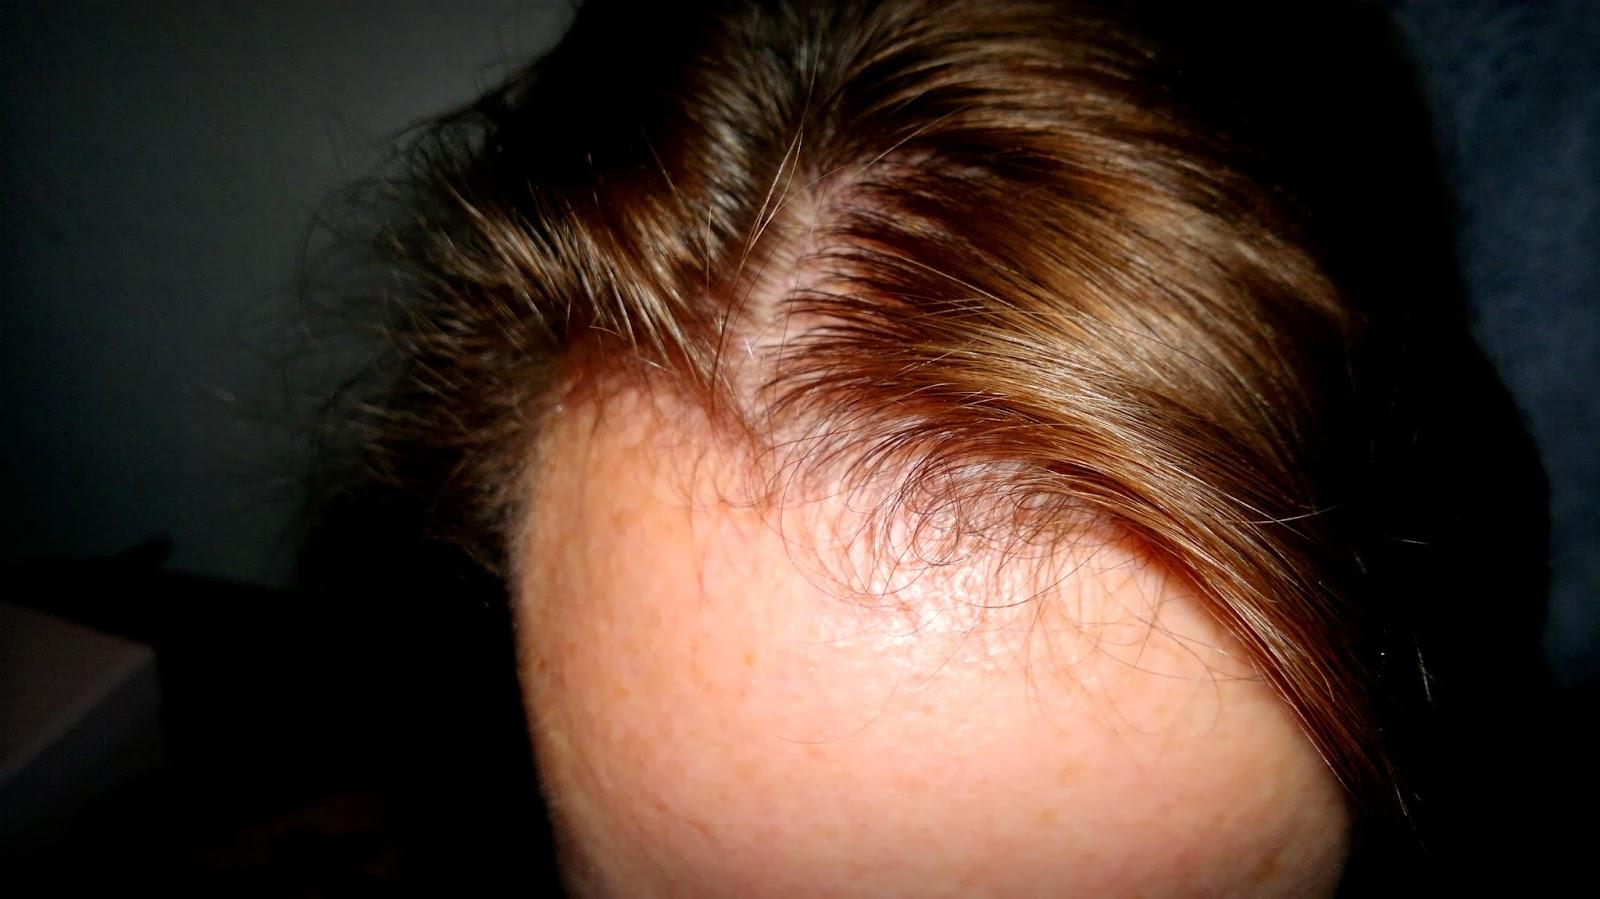 Ollin das Öl für das Haar für das Kämmen